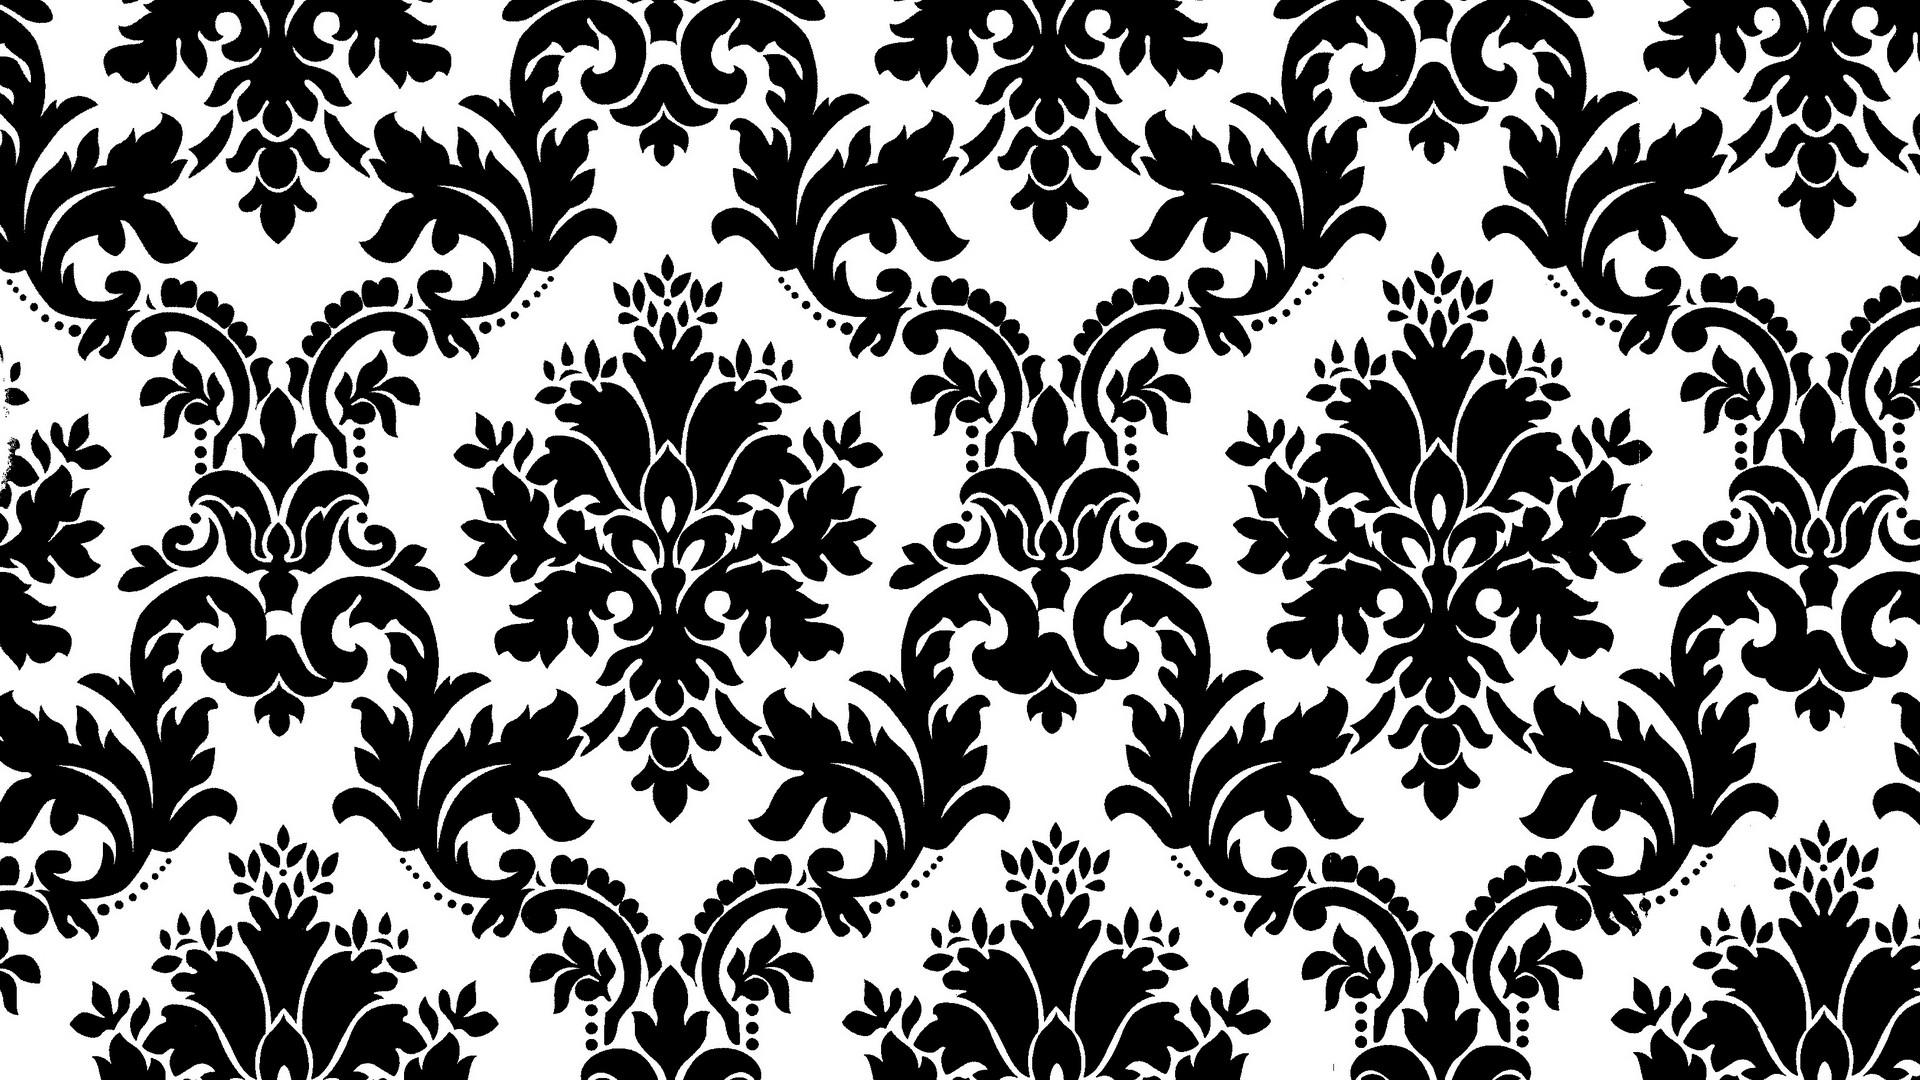 Minimalistic Patterns Wallpaper 19201080 Minimalistic Patterns 1920x1080